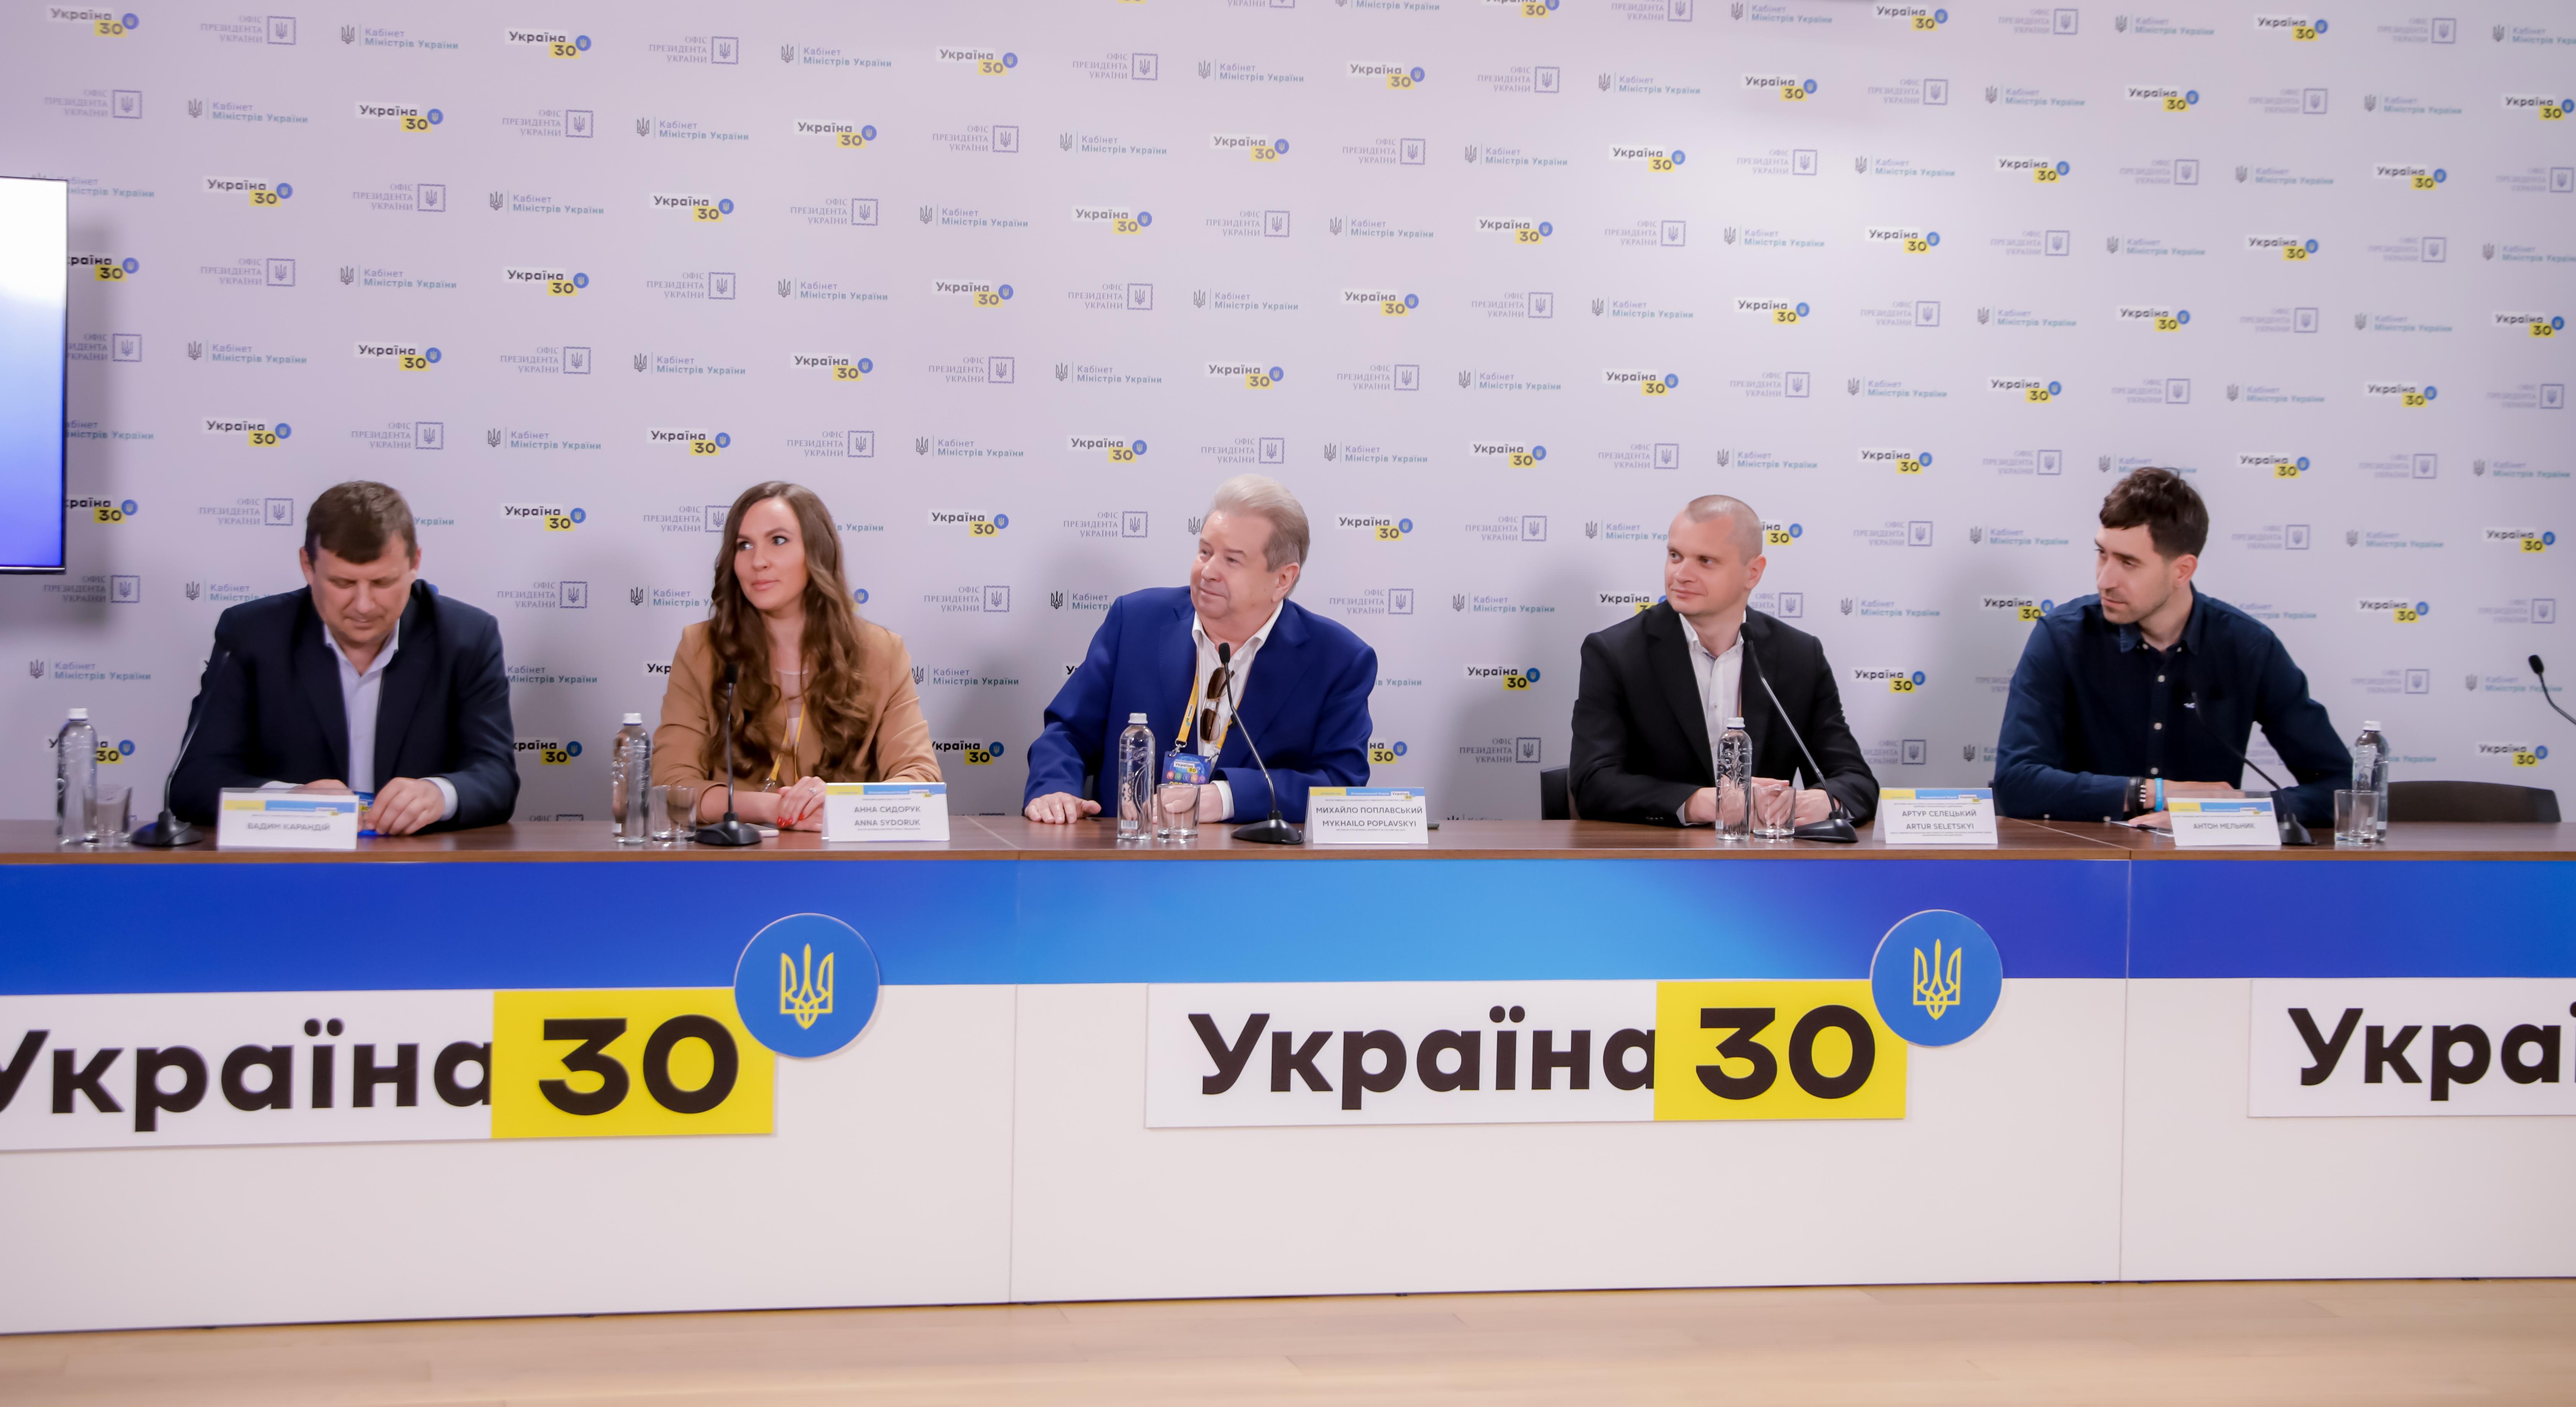 Михайло Поплавський виступив спікером на Всеукраїнському форумі Україна 30. Освіта і наука